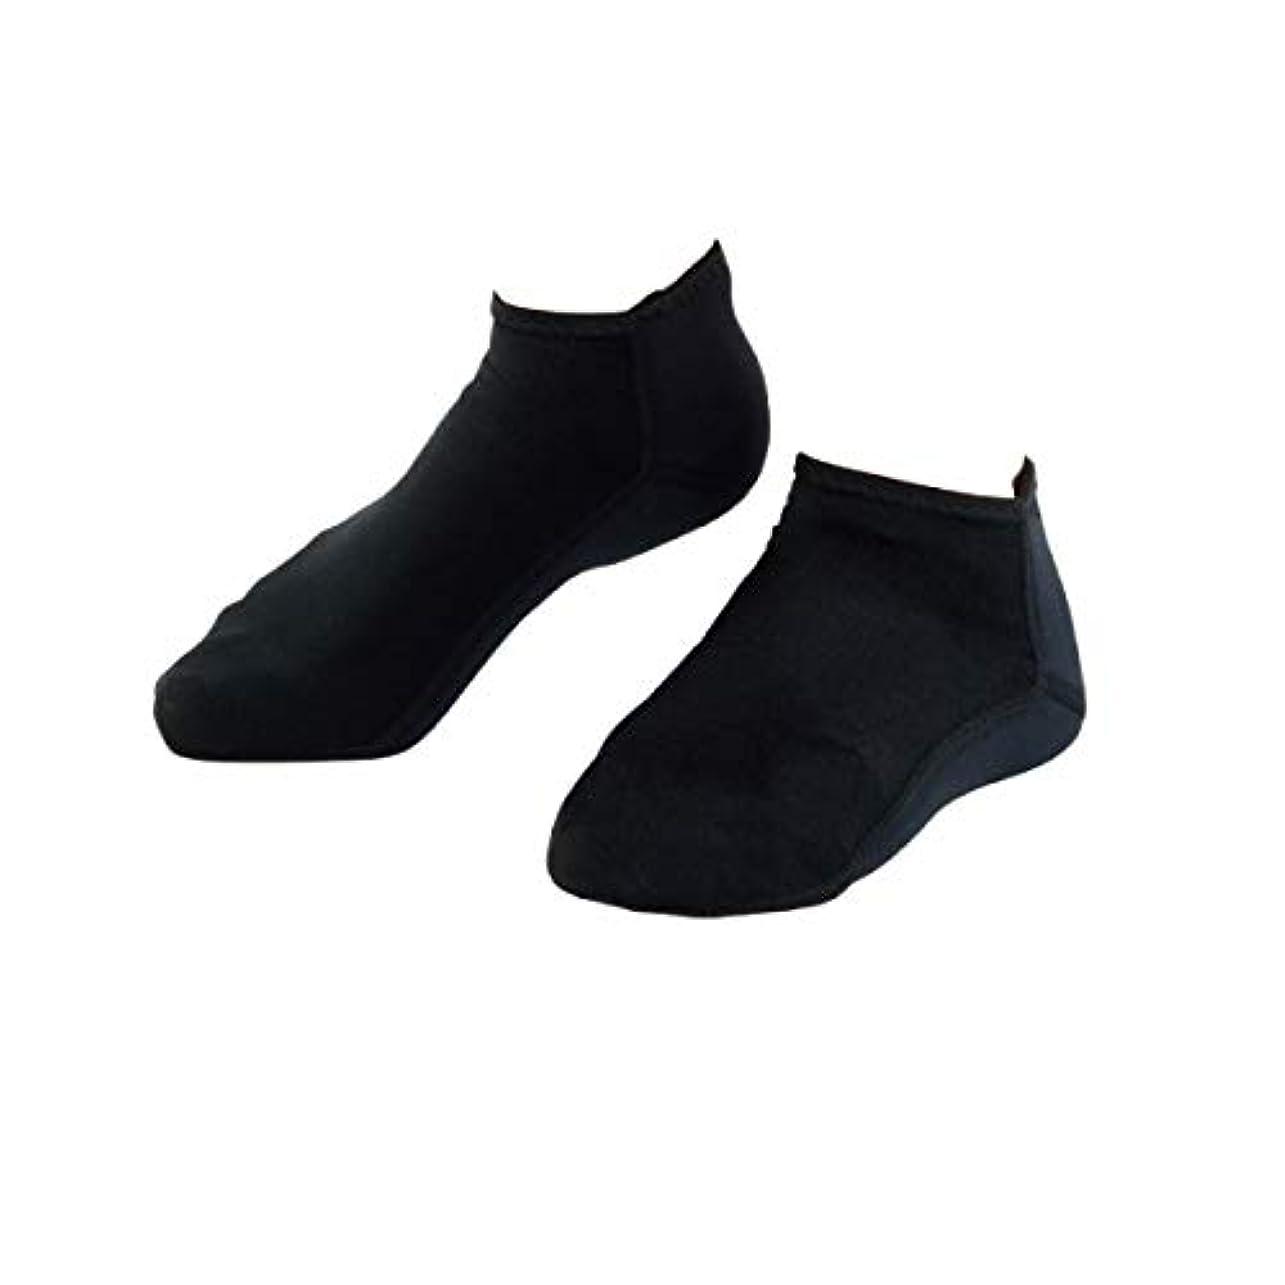 ソフトウェアわずかな勇気靴下 かかと 保湿 チタン 素足小町 フル